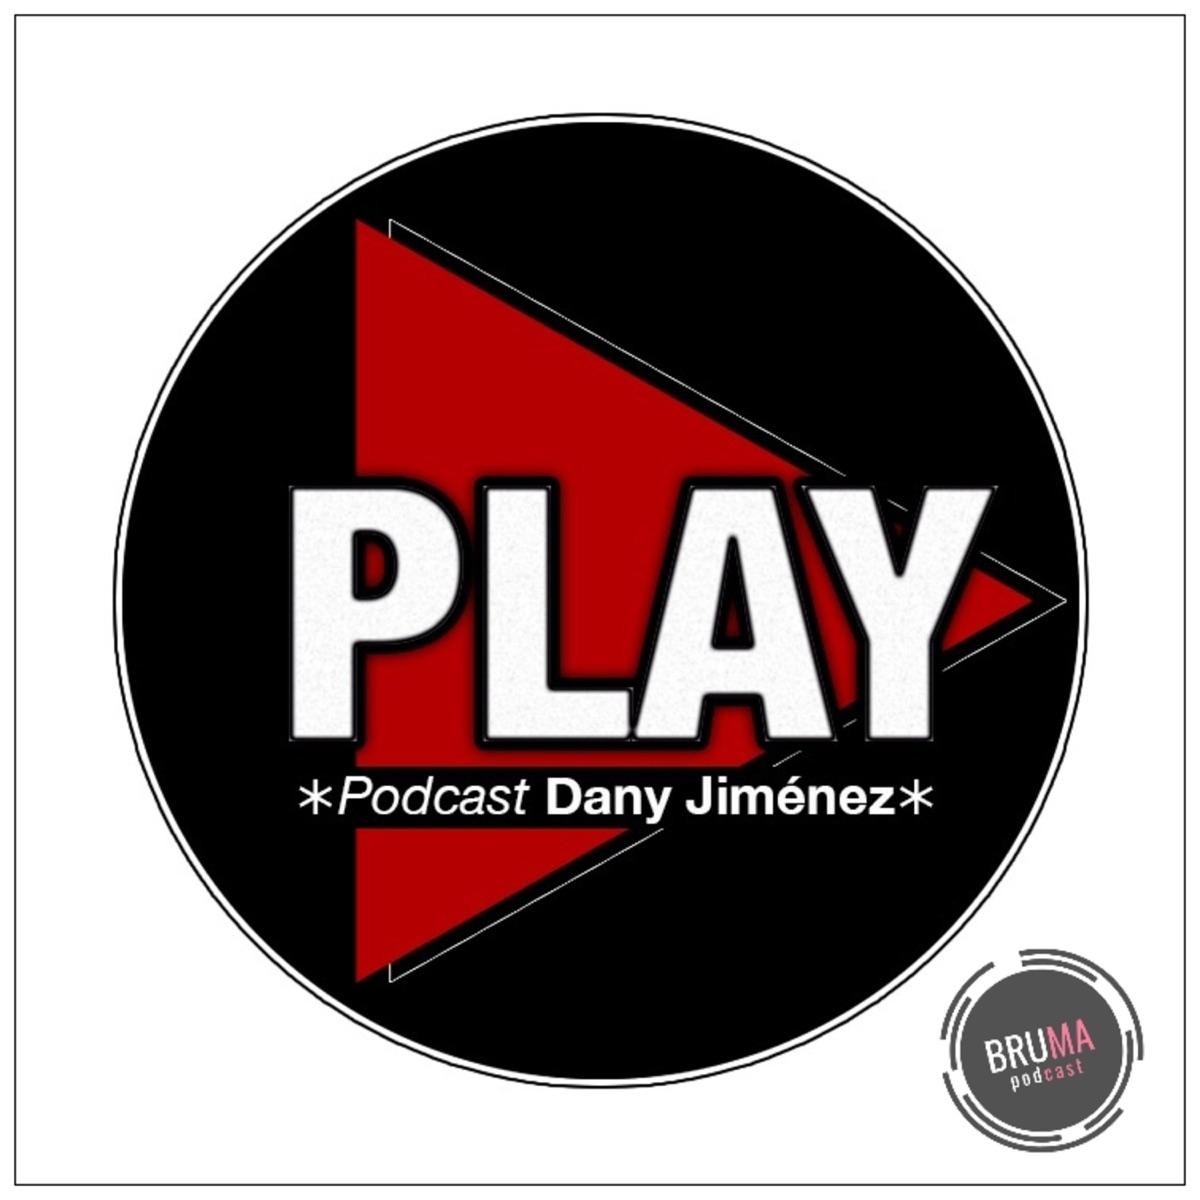 PLAY! Dany Jimenez